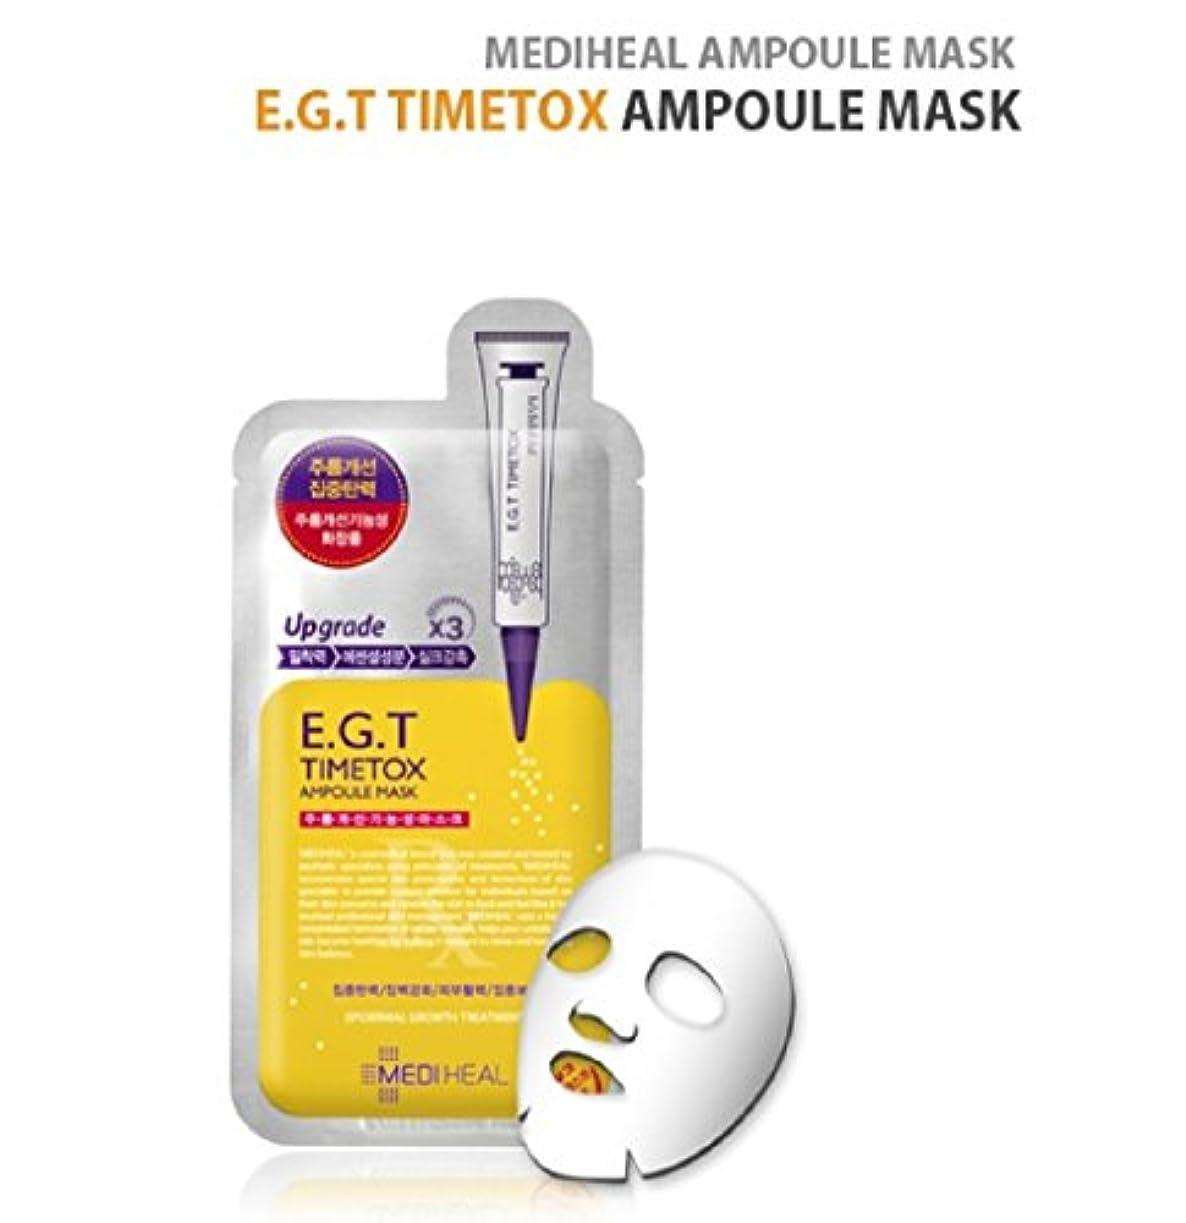 宣言スカリーギター【メディヒール】Timetoxアンプルマスクパック (10枚)5Upgrade MEDIHEAL E.G.T Timetox Ampule Mask Pack REX 10 piece [並行輸入品]